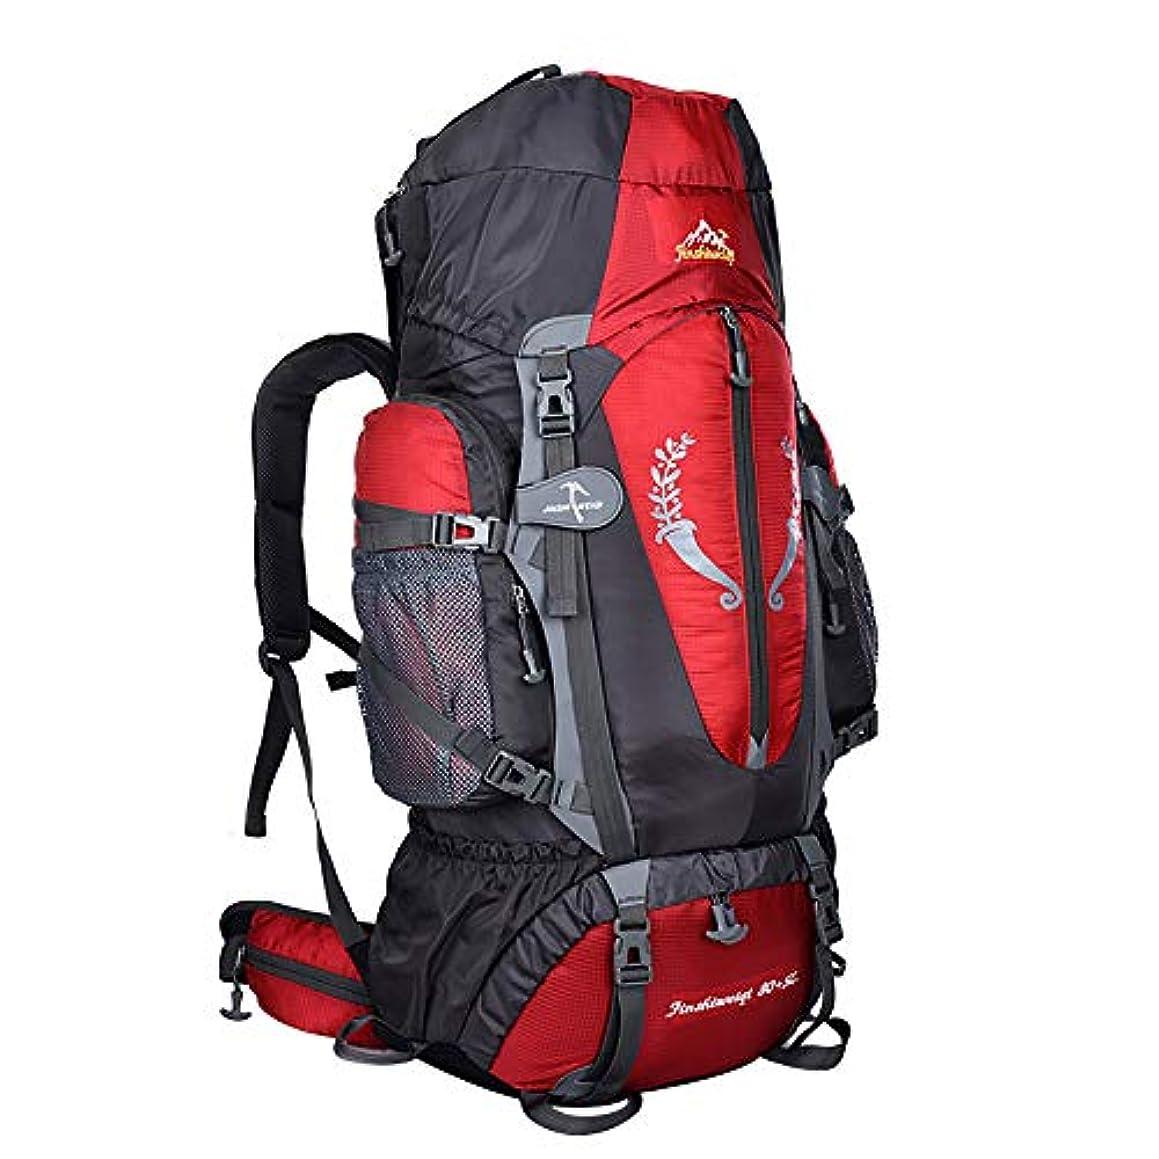 同志失効逸脱85L 登山リュックマウンテンデイパック YOKINO 大型旅行バッグ 拡張可能 超大容量 広口開口仕様 防水耐震 タクティカル アルパインパック リュックサック キャンプ トレッキング 旅行 アウトドア